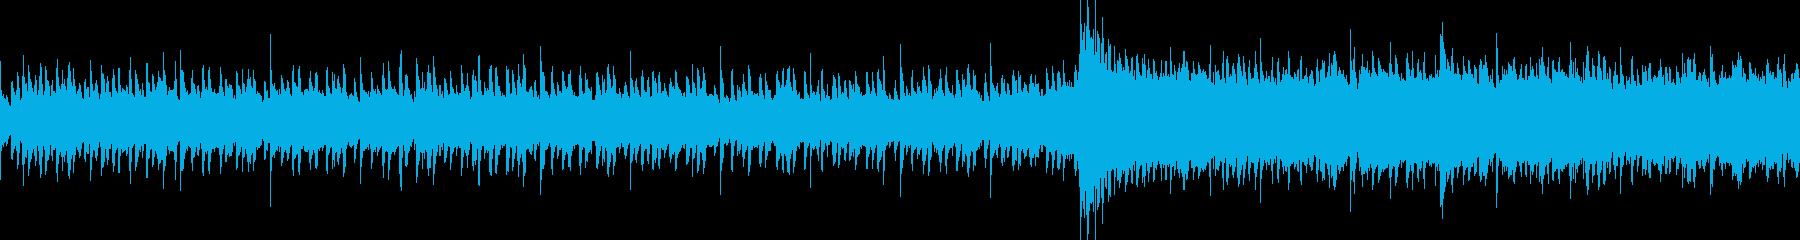 汎用BGM/神秘的(LOOP対応)の再生済みの波形